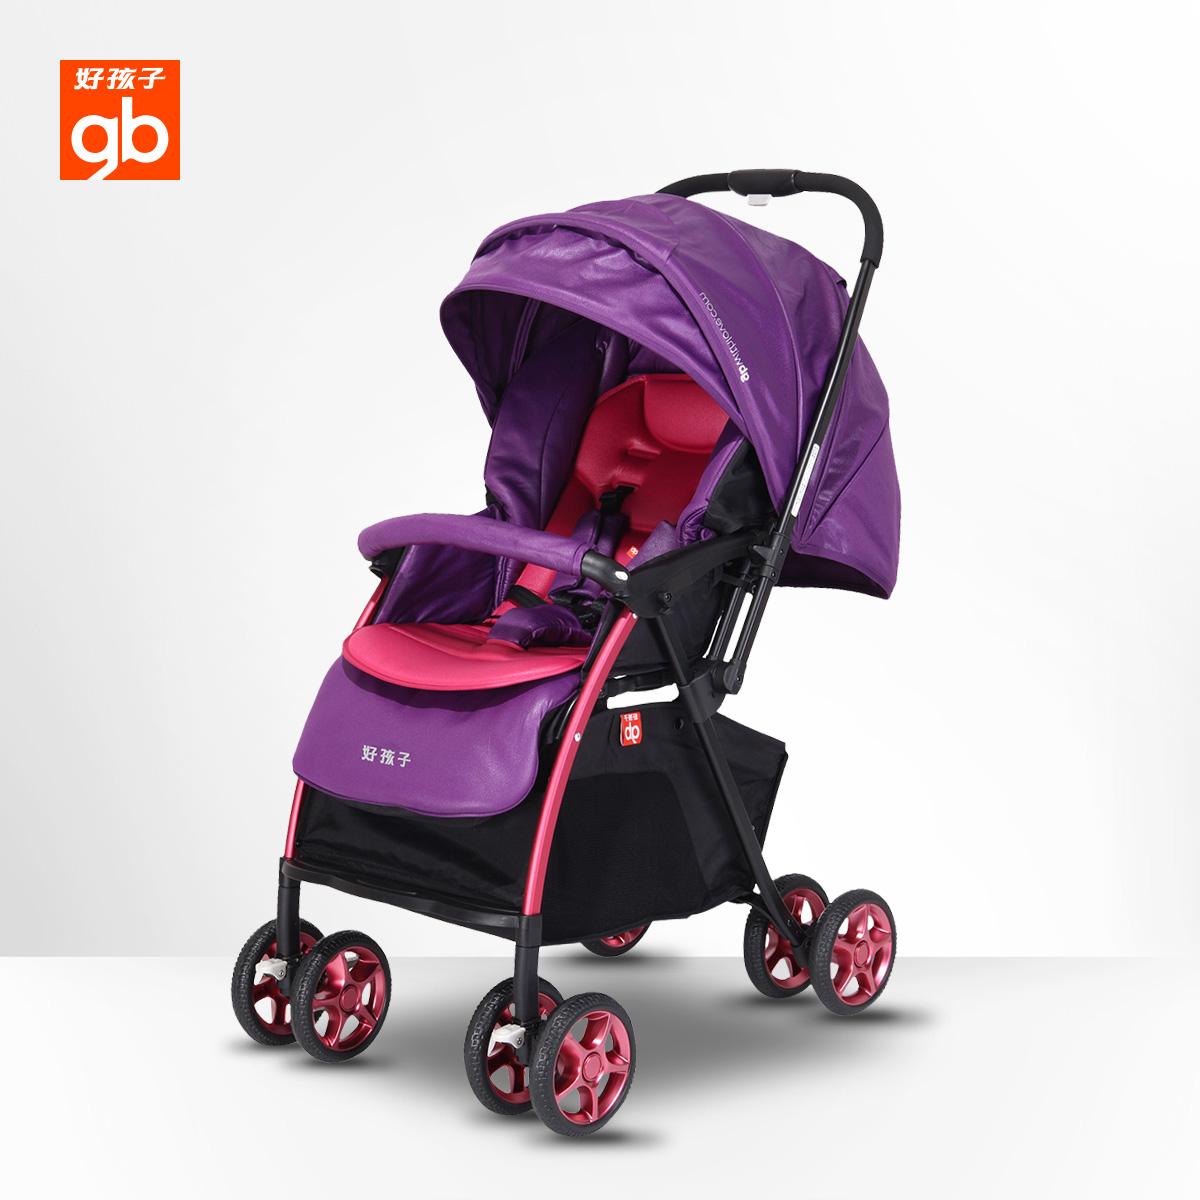 gb好孩子寬舒高景觀嬰兒車蝶變升級輕便推車冬夏兩用C828